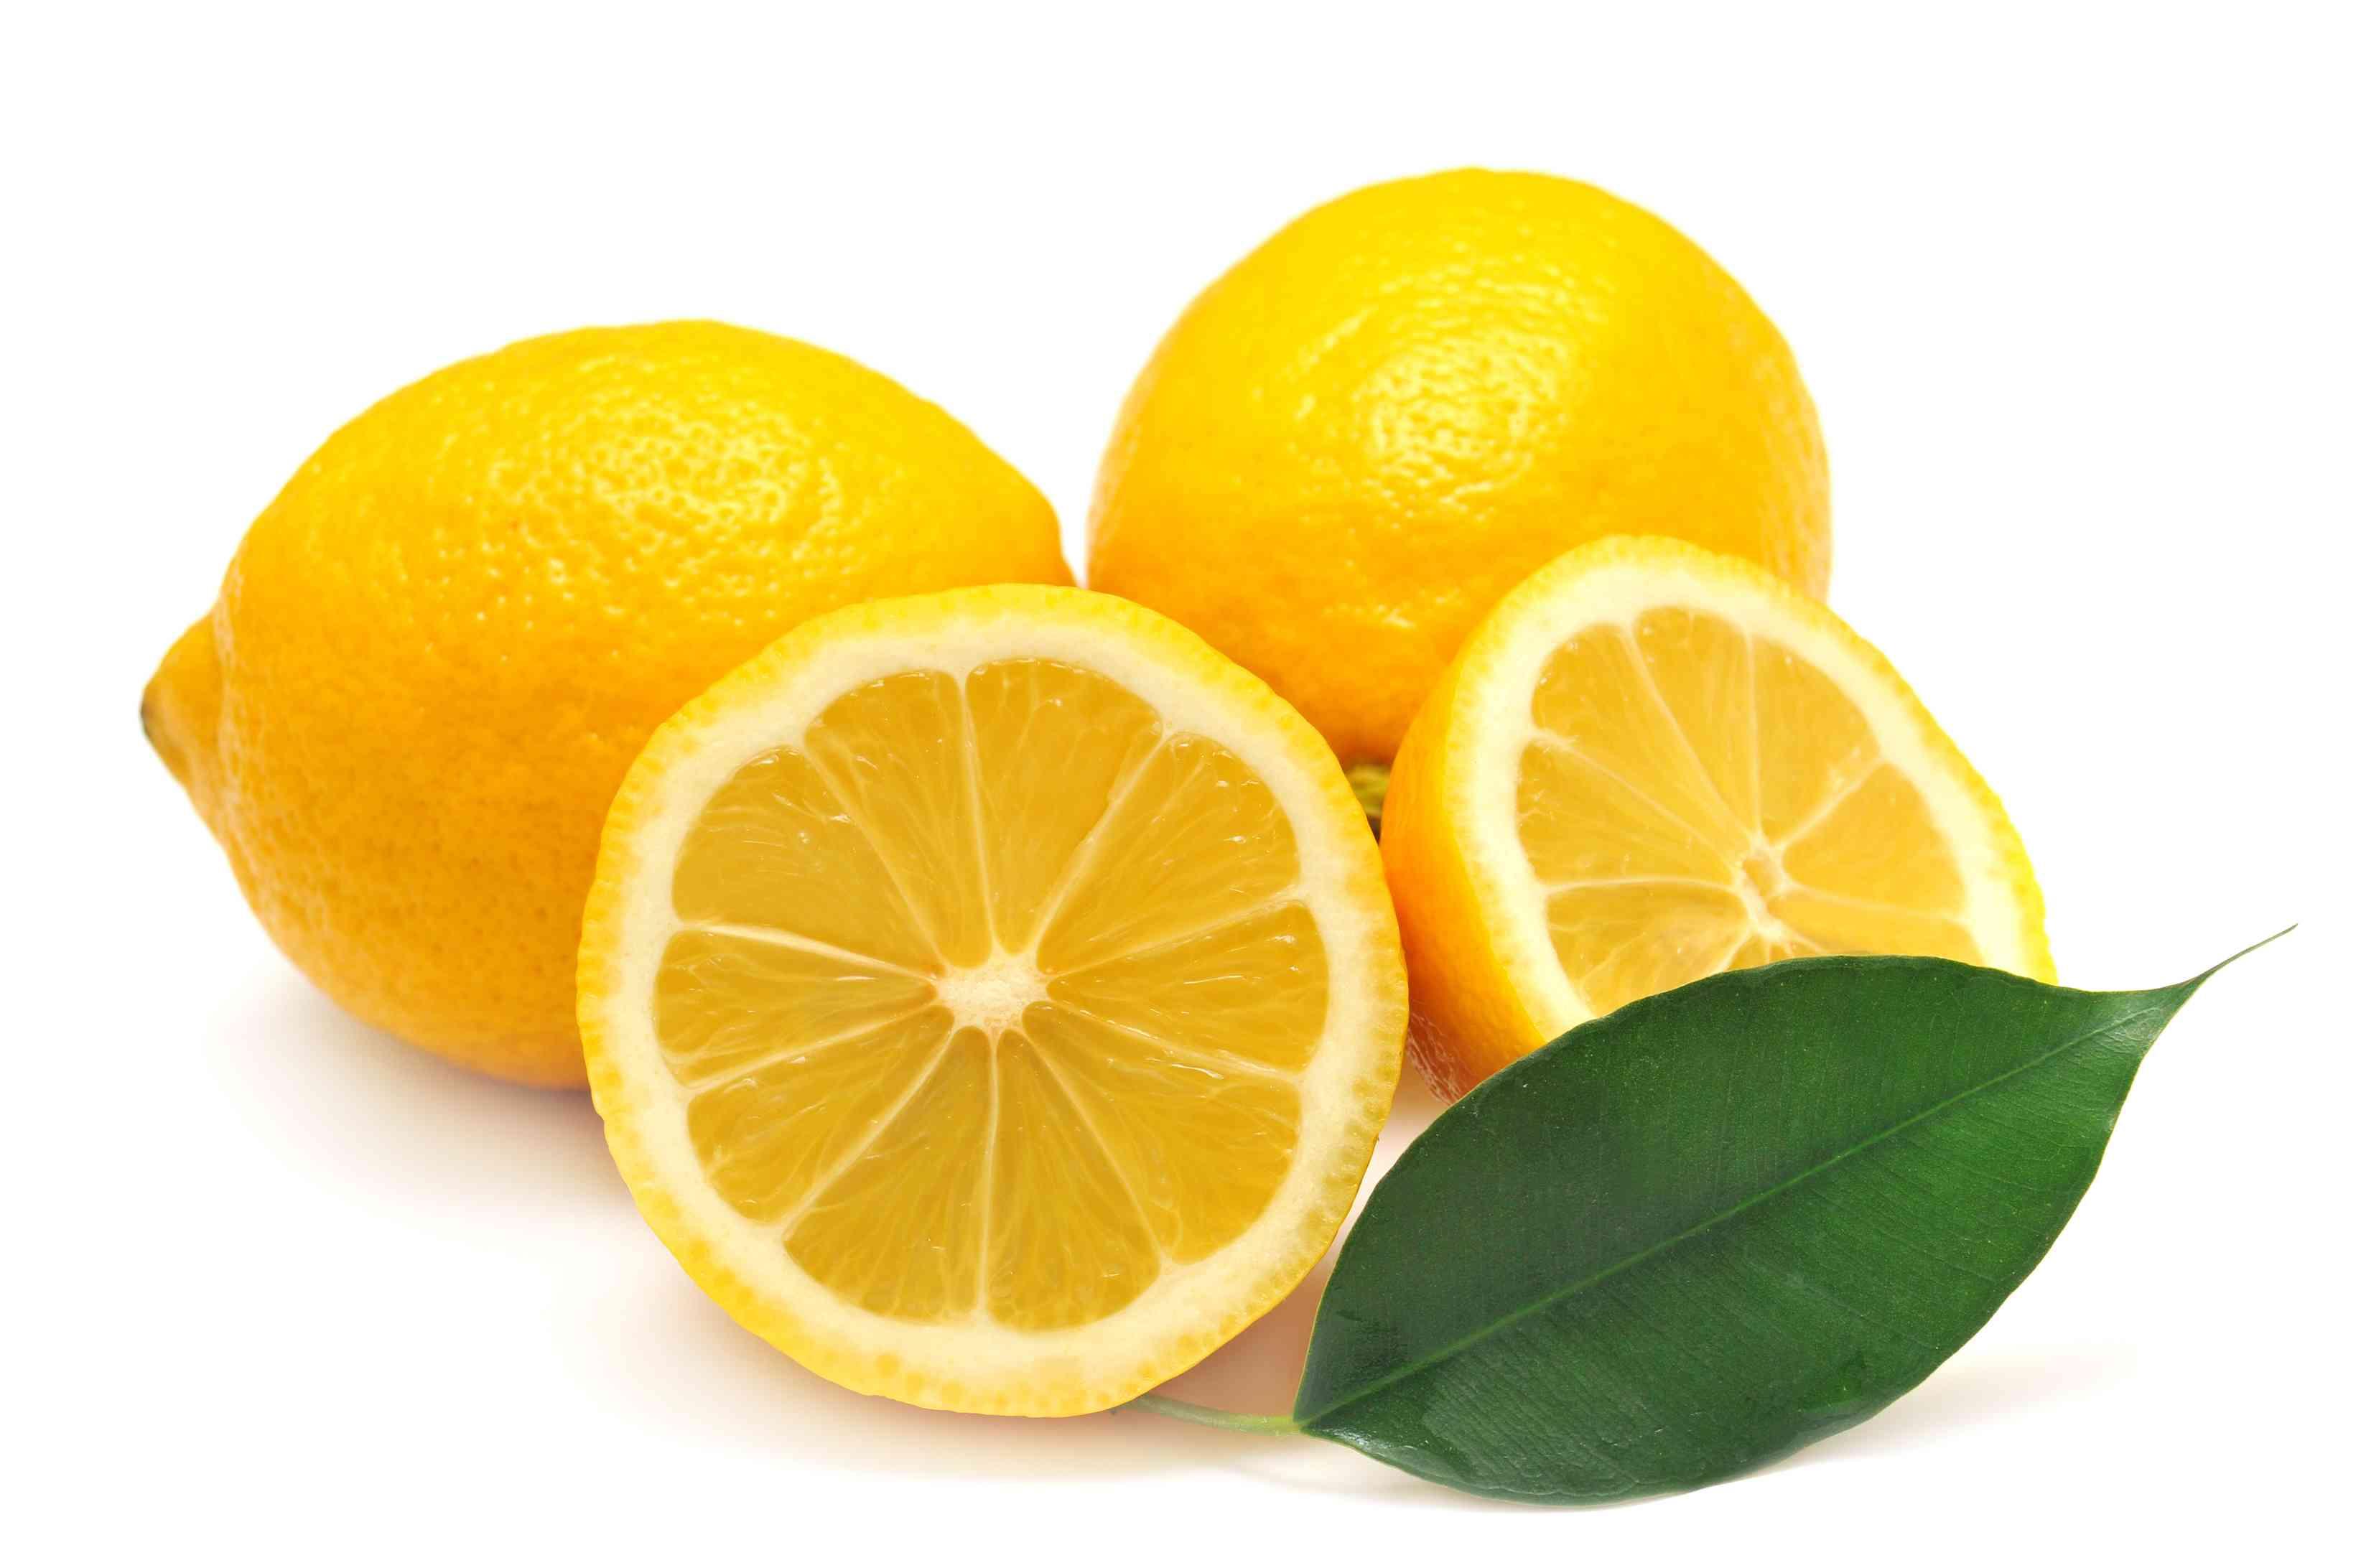 Manfaat-buah-lemon-untuk-kesehatan-dan-kecantikan